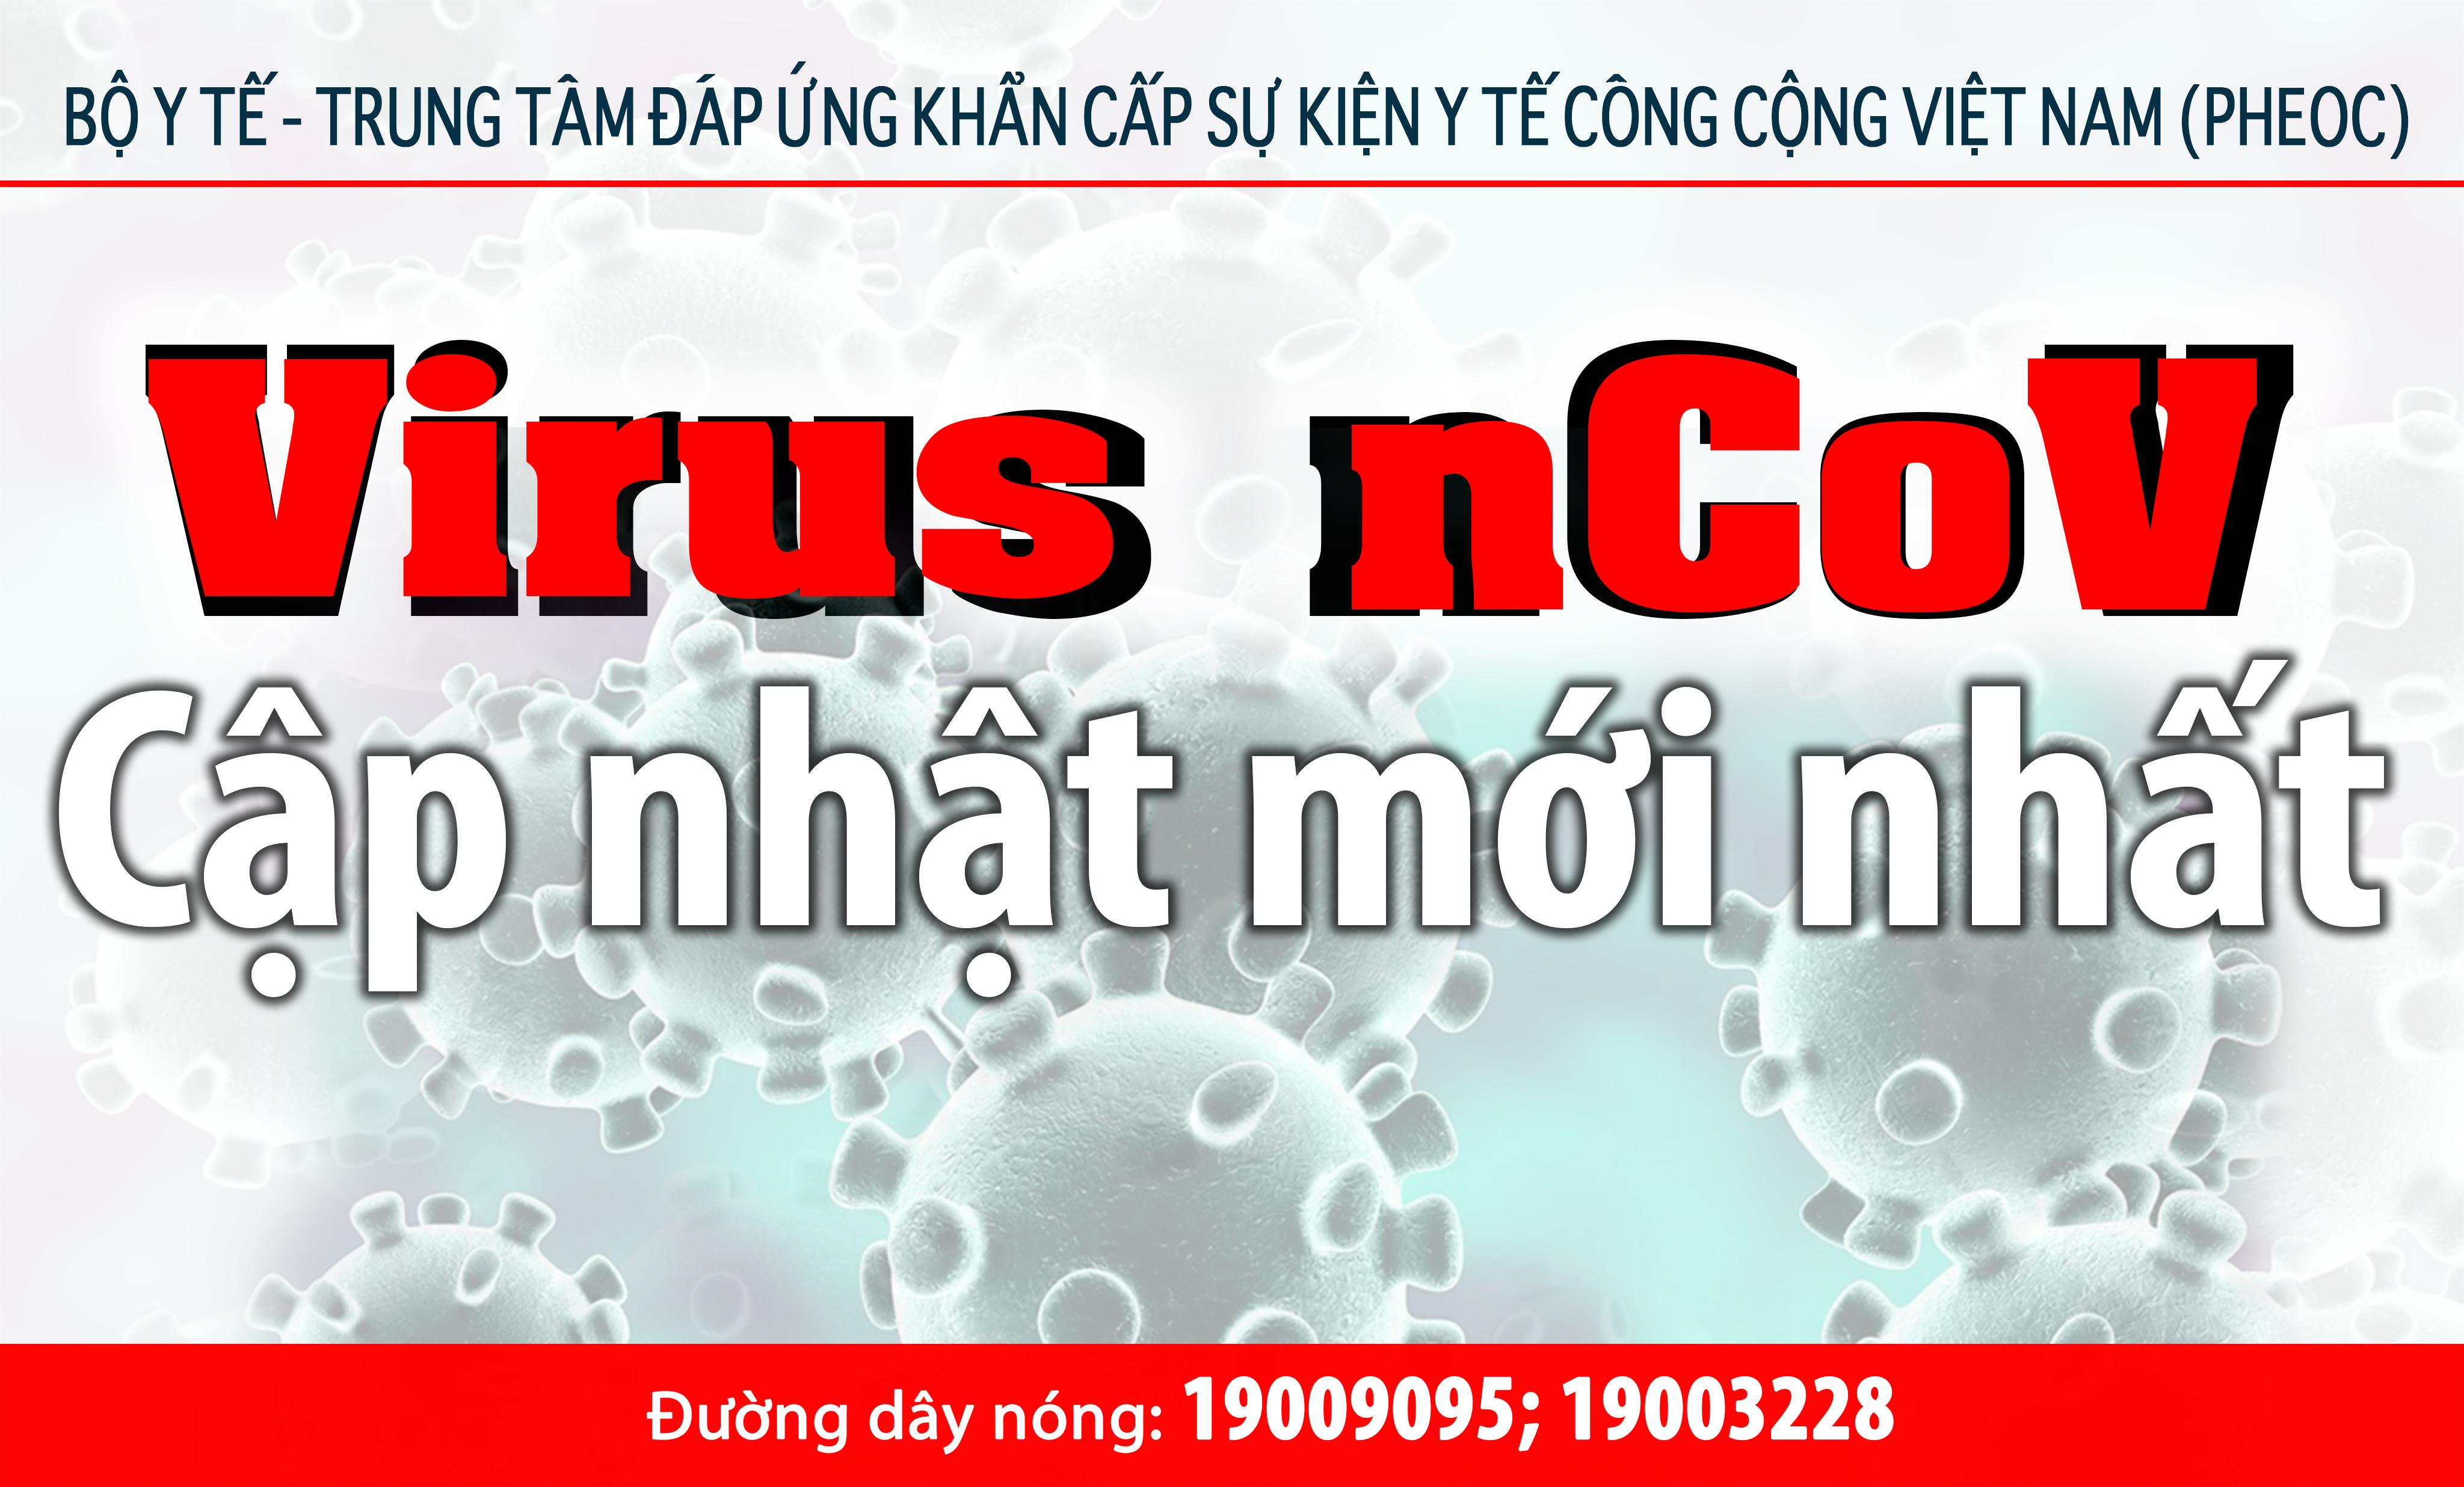 Số người nhiễm virus corona tăng nhanh, Bộ Y tế mở thêm đường dây nóng 2